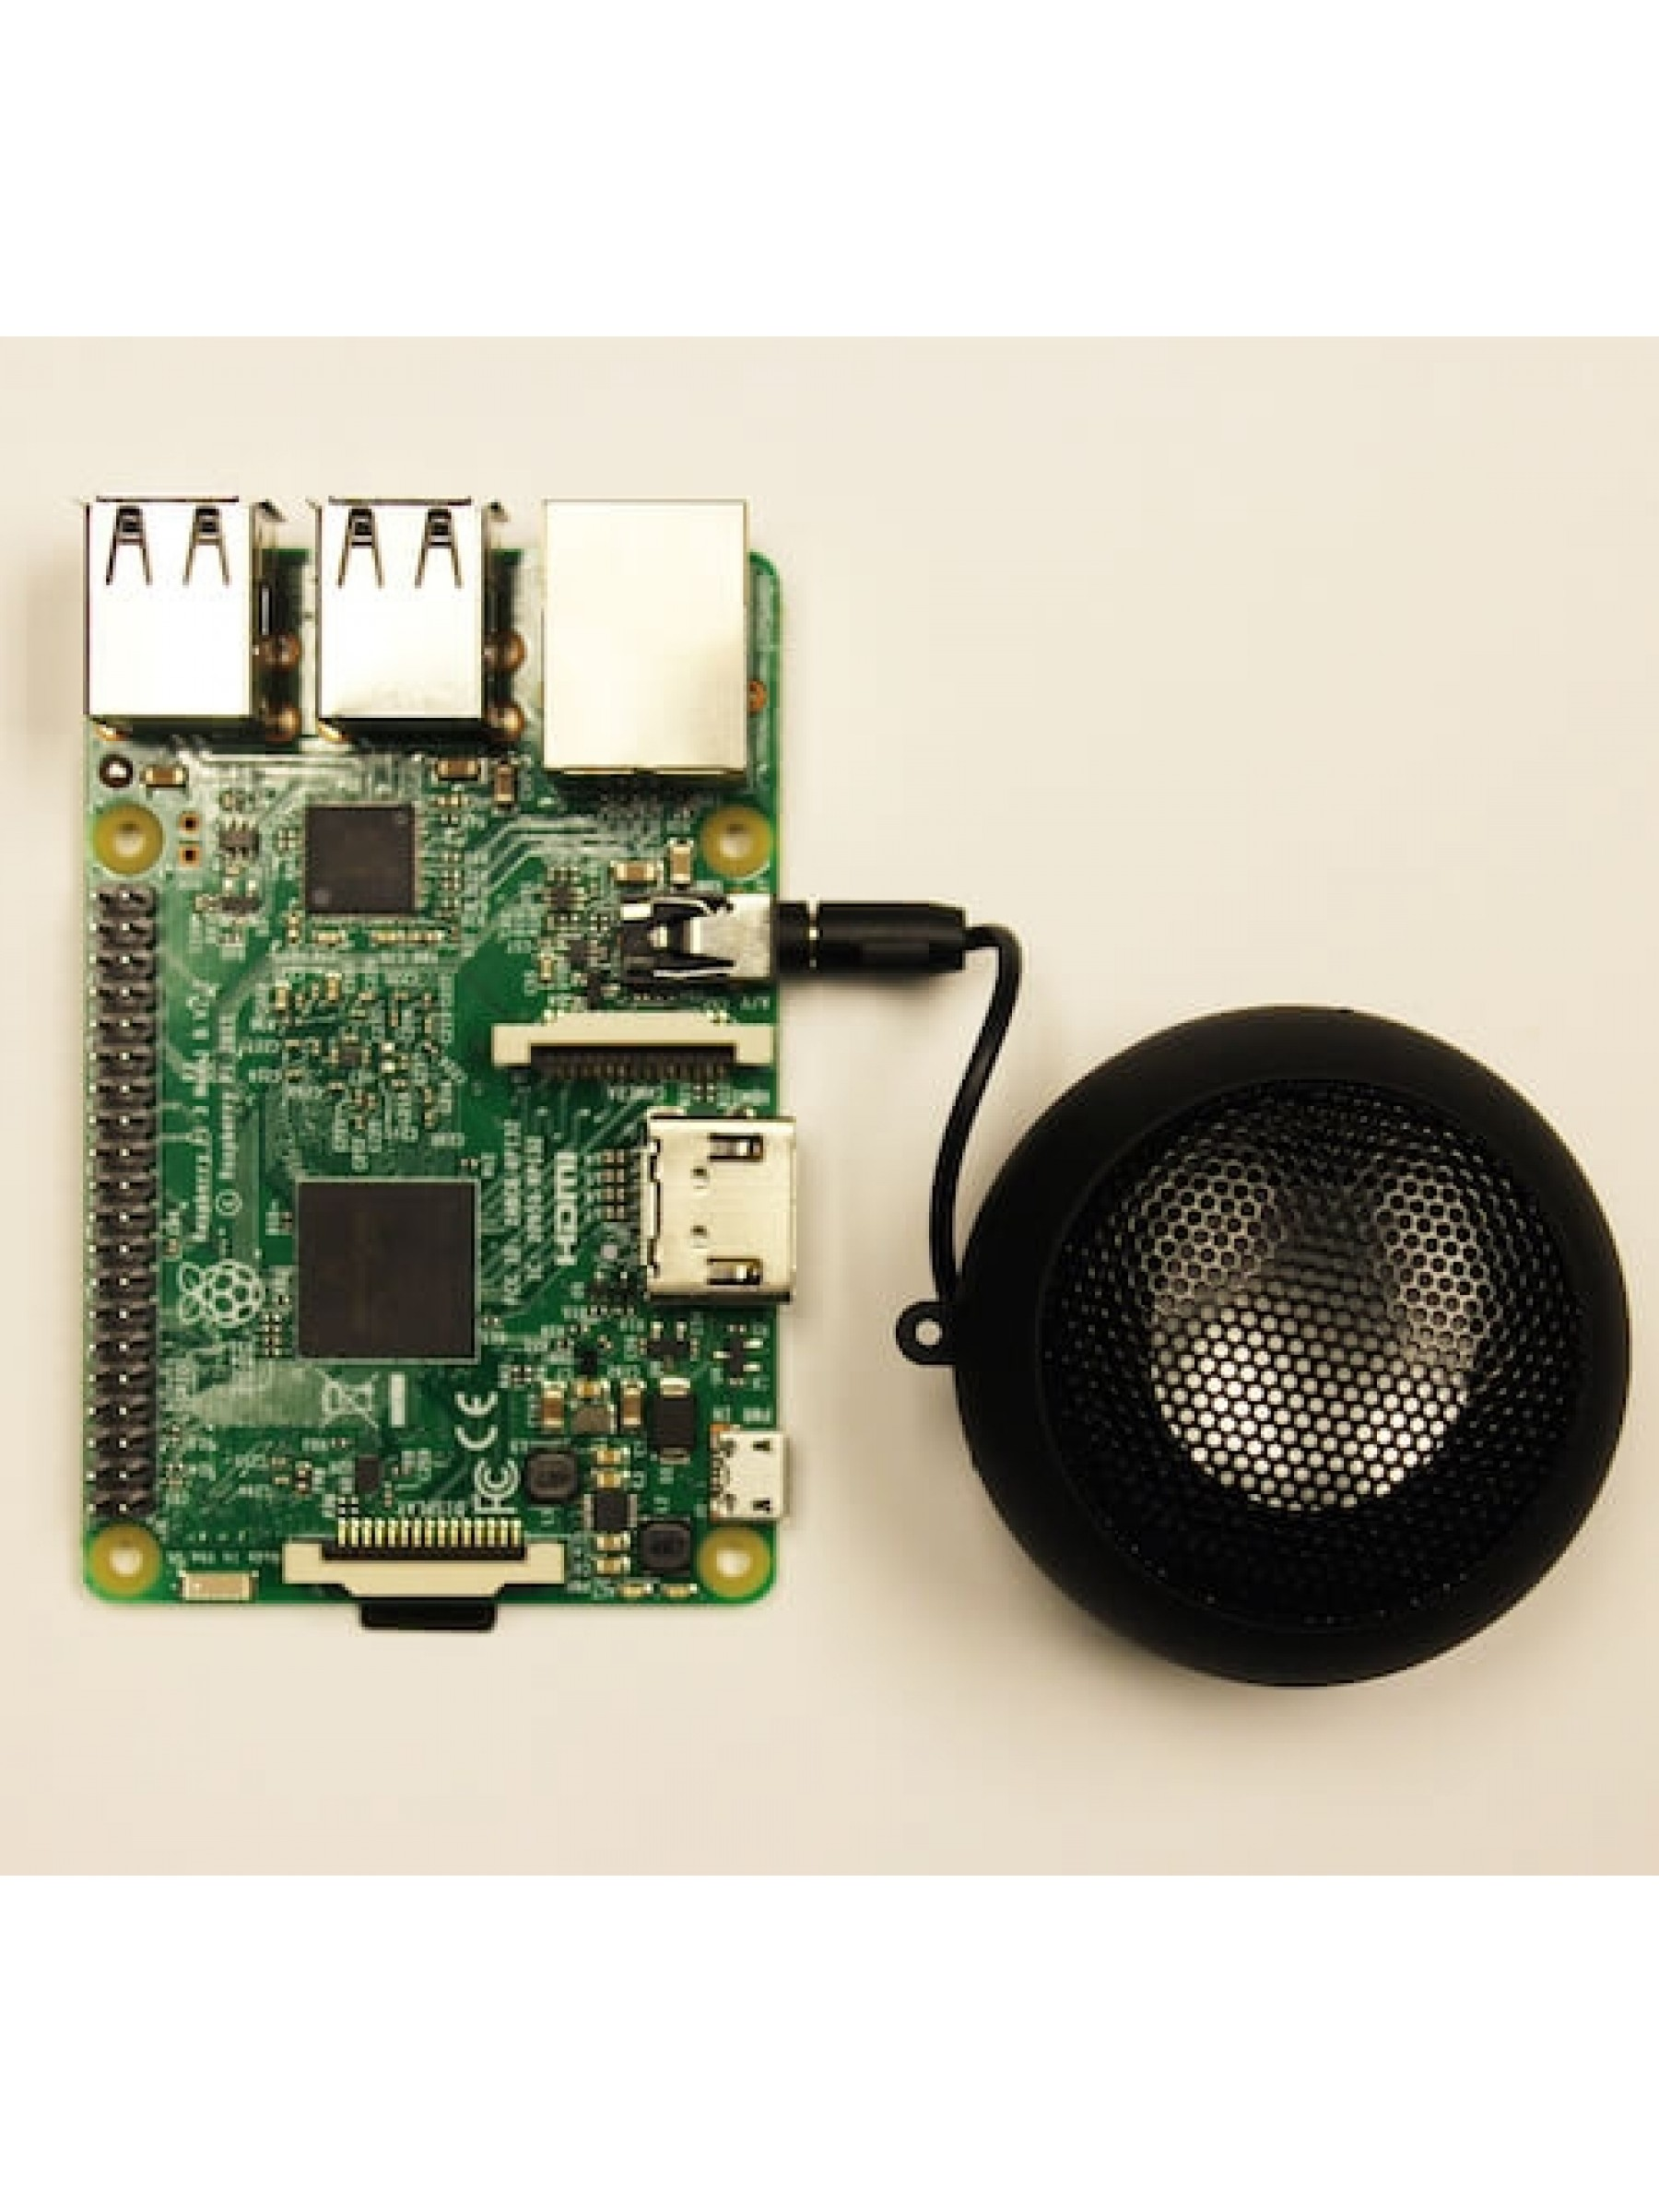 Speaker for Raspberry Pi